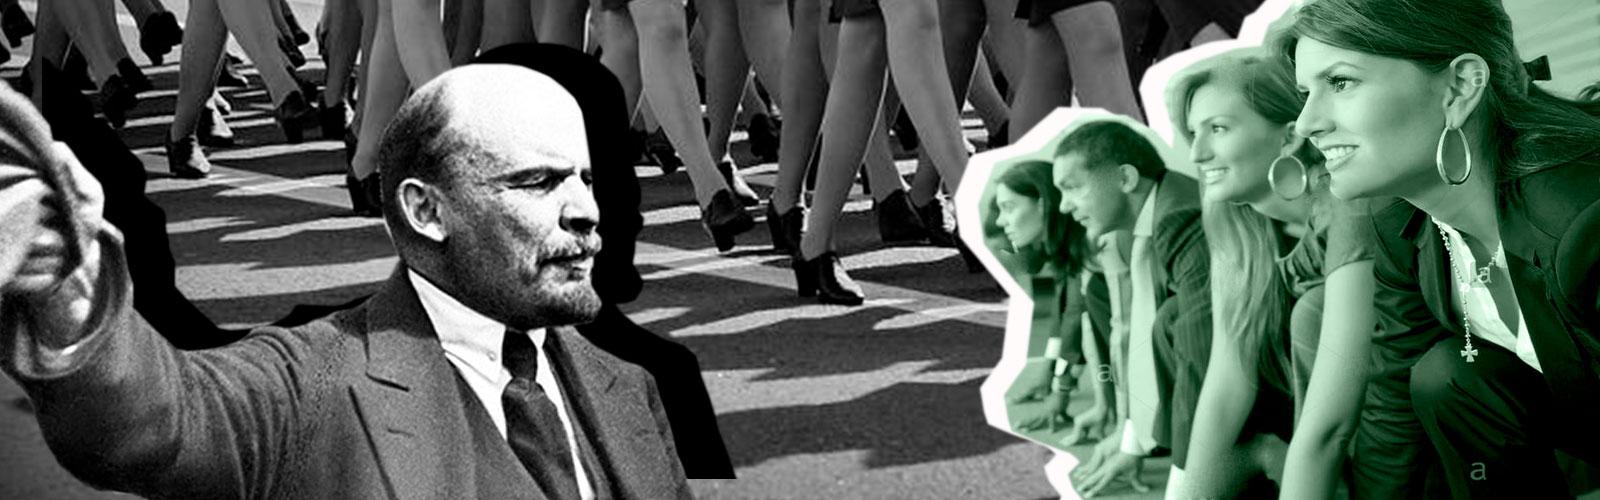 У Ленина был идеалистический стиль лидерства